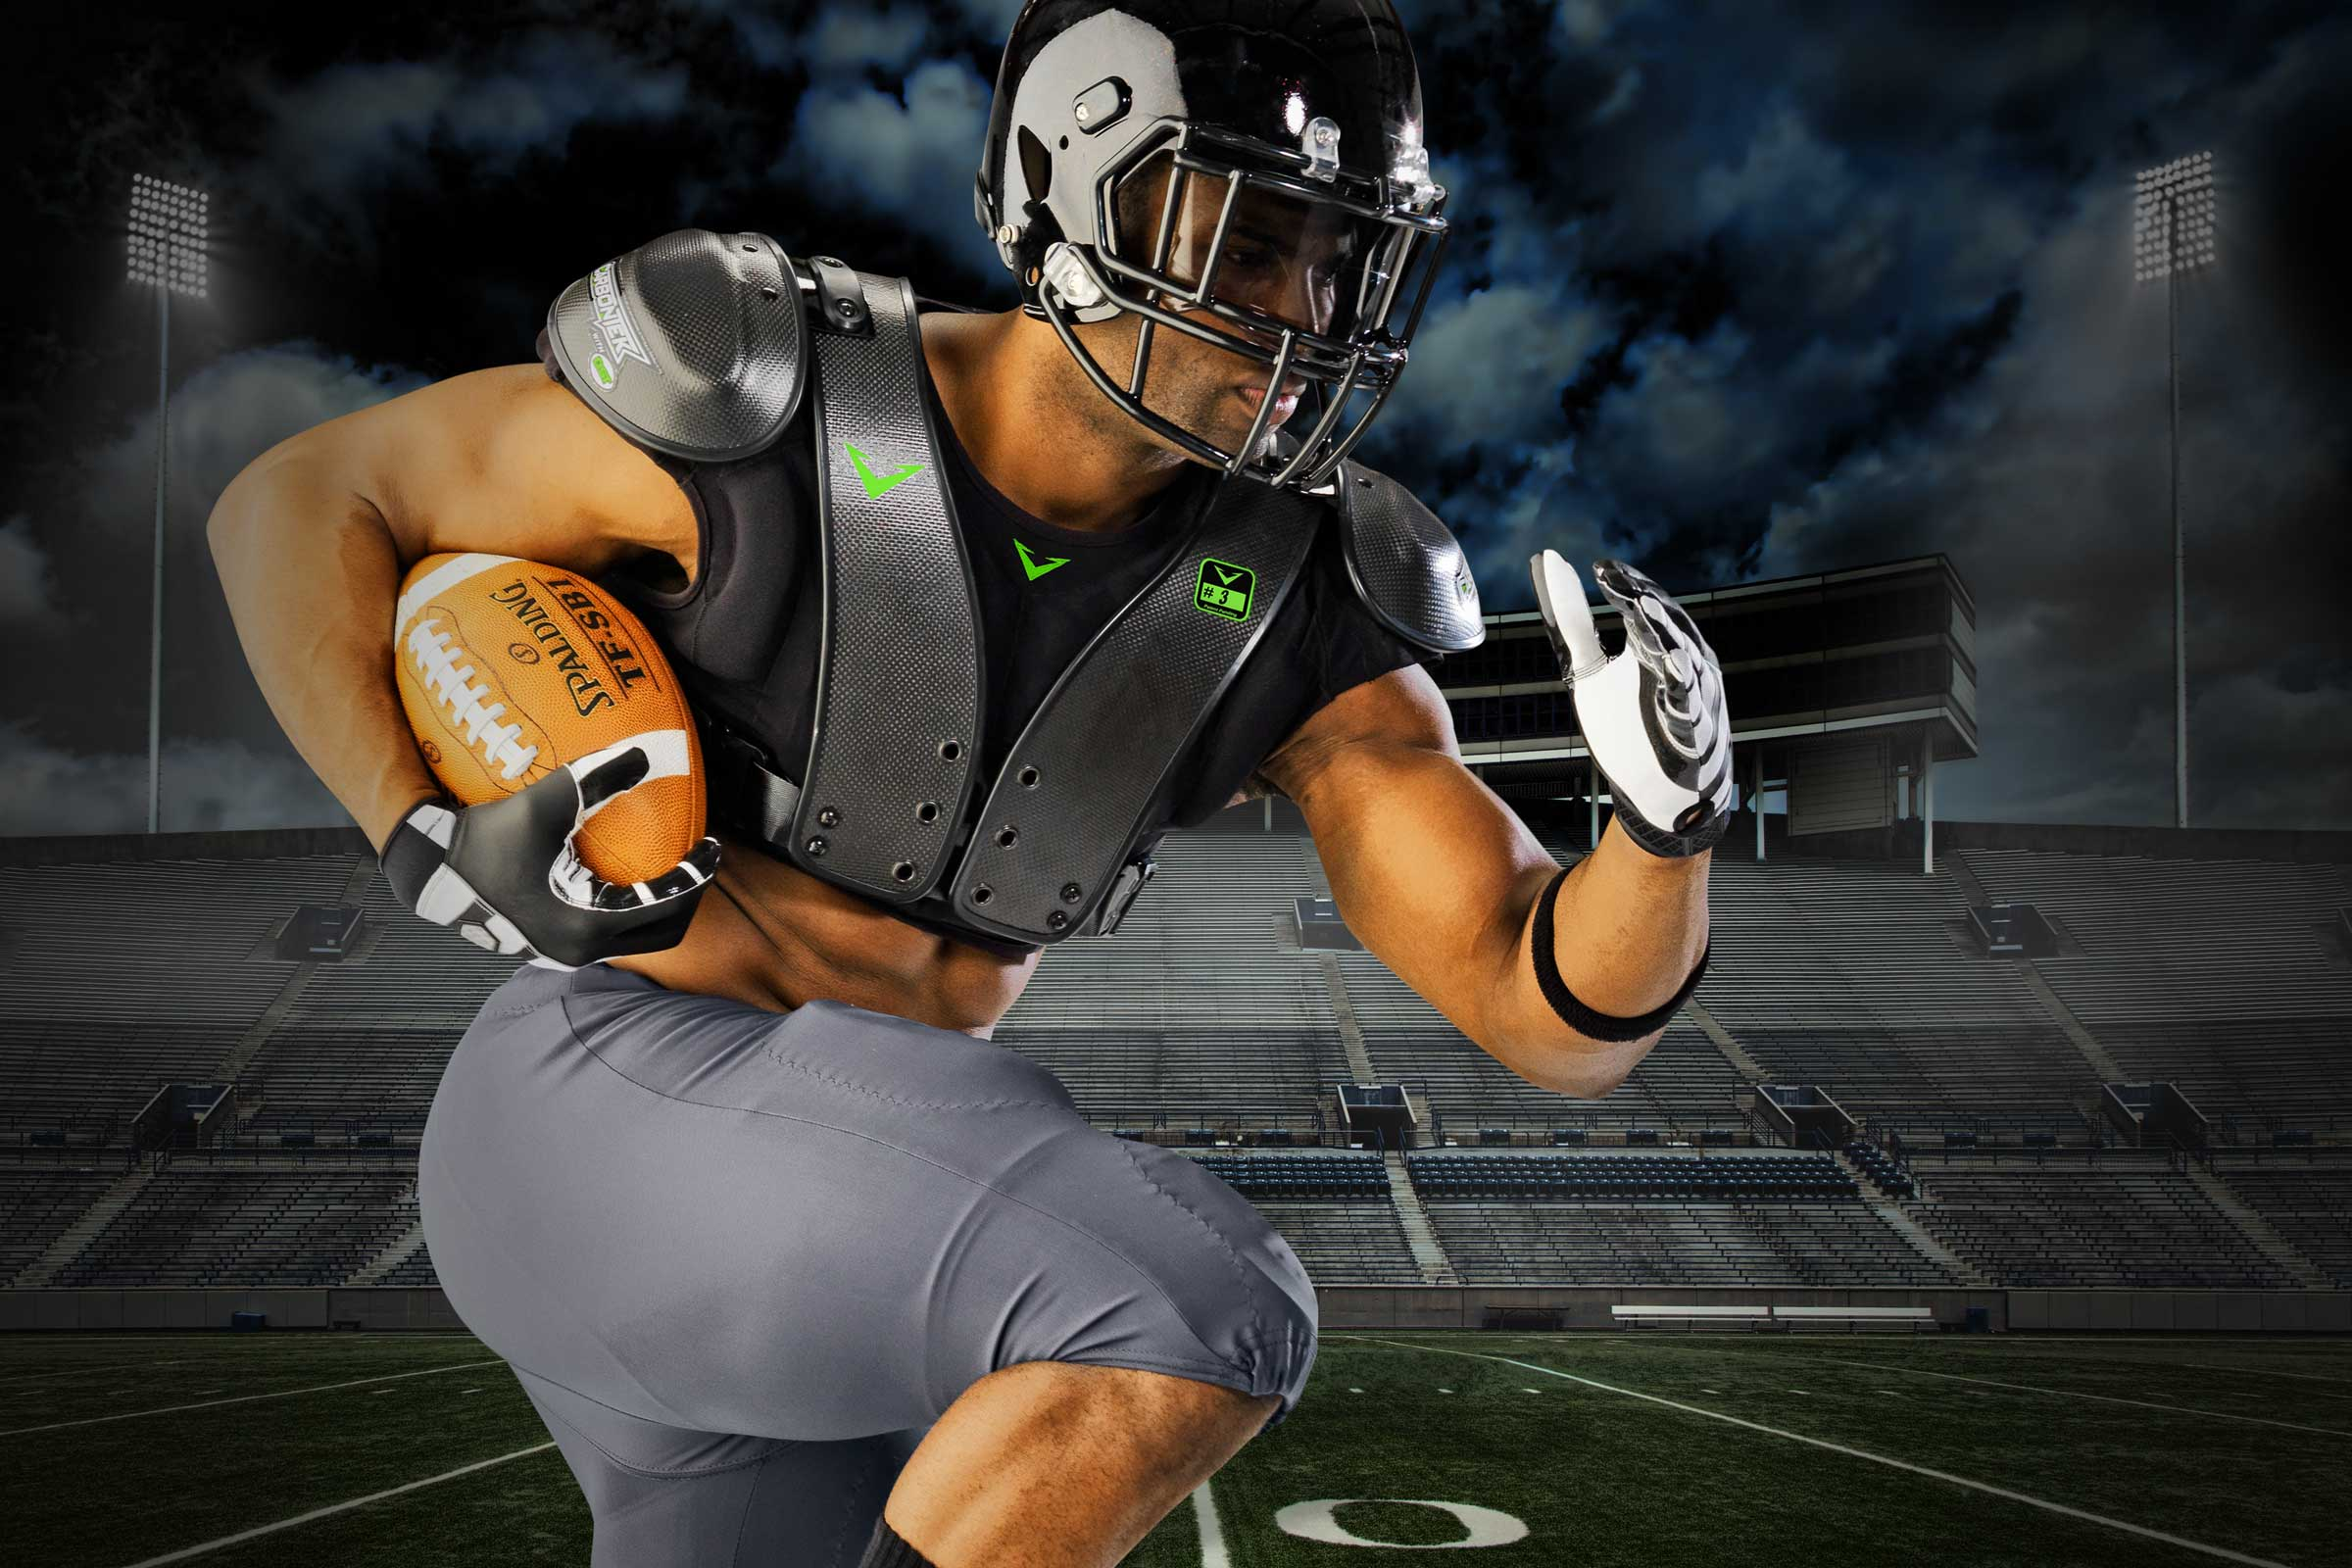 Revolutionary Carbon Fiber Shoulder Pads for Football - CarbonTek™ b51e8a457